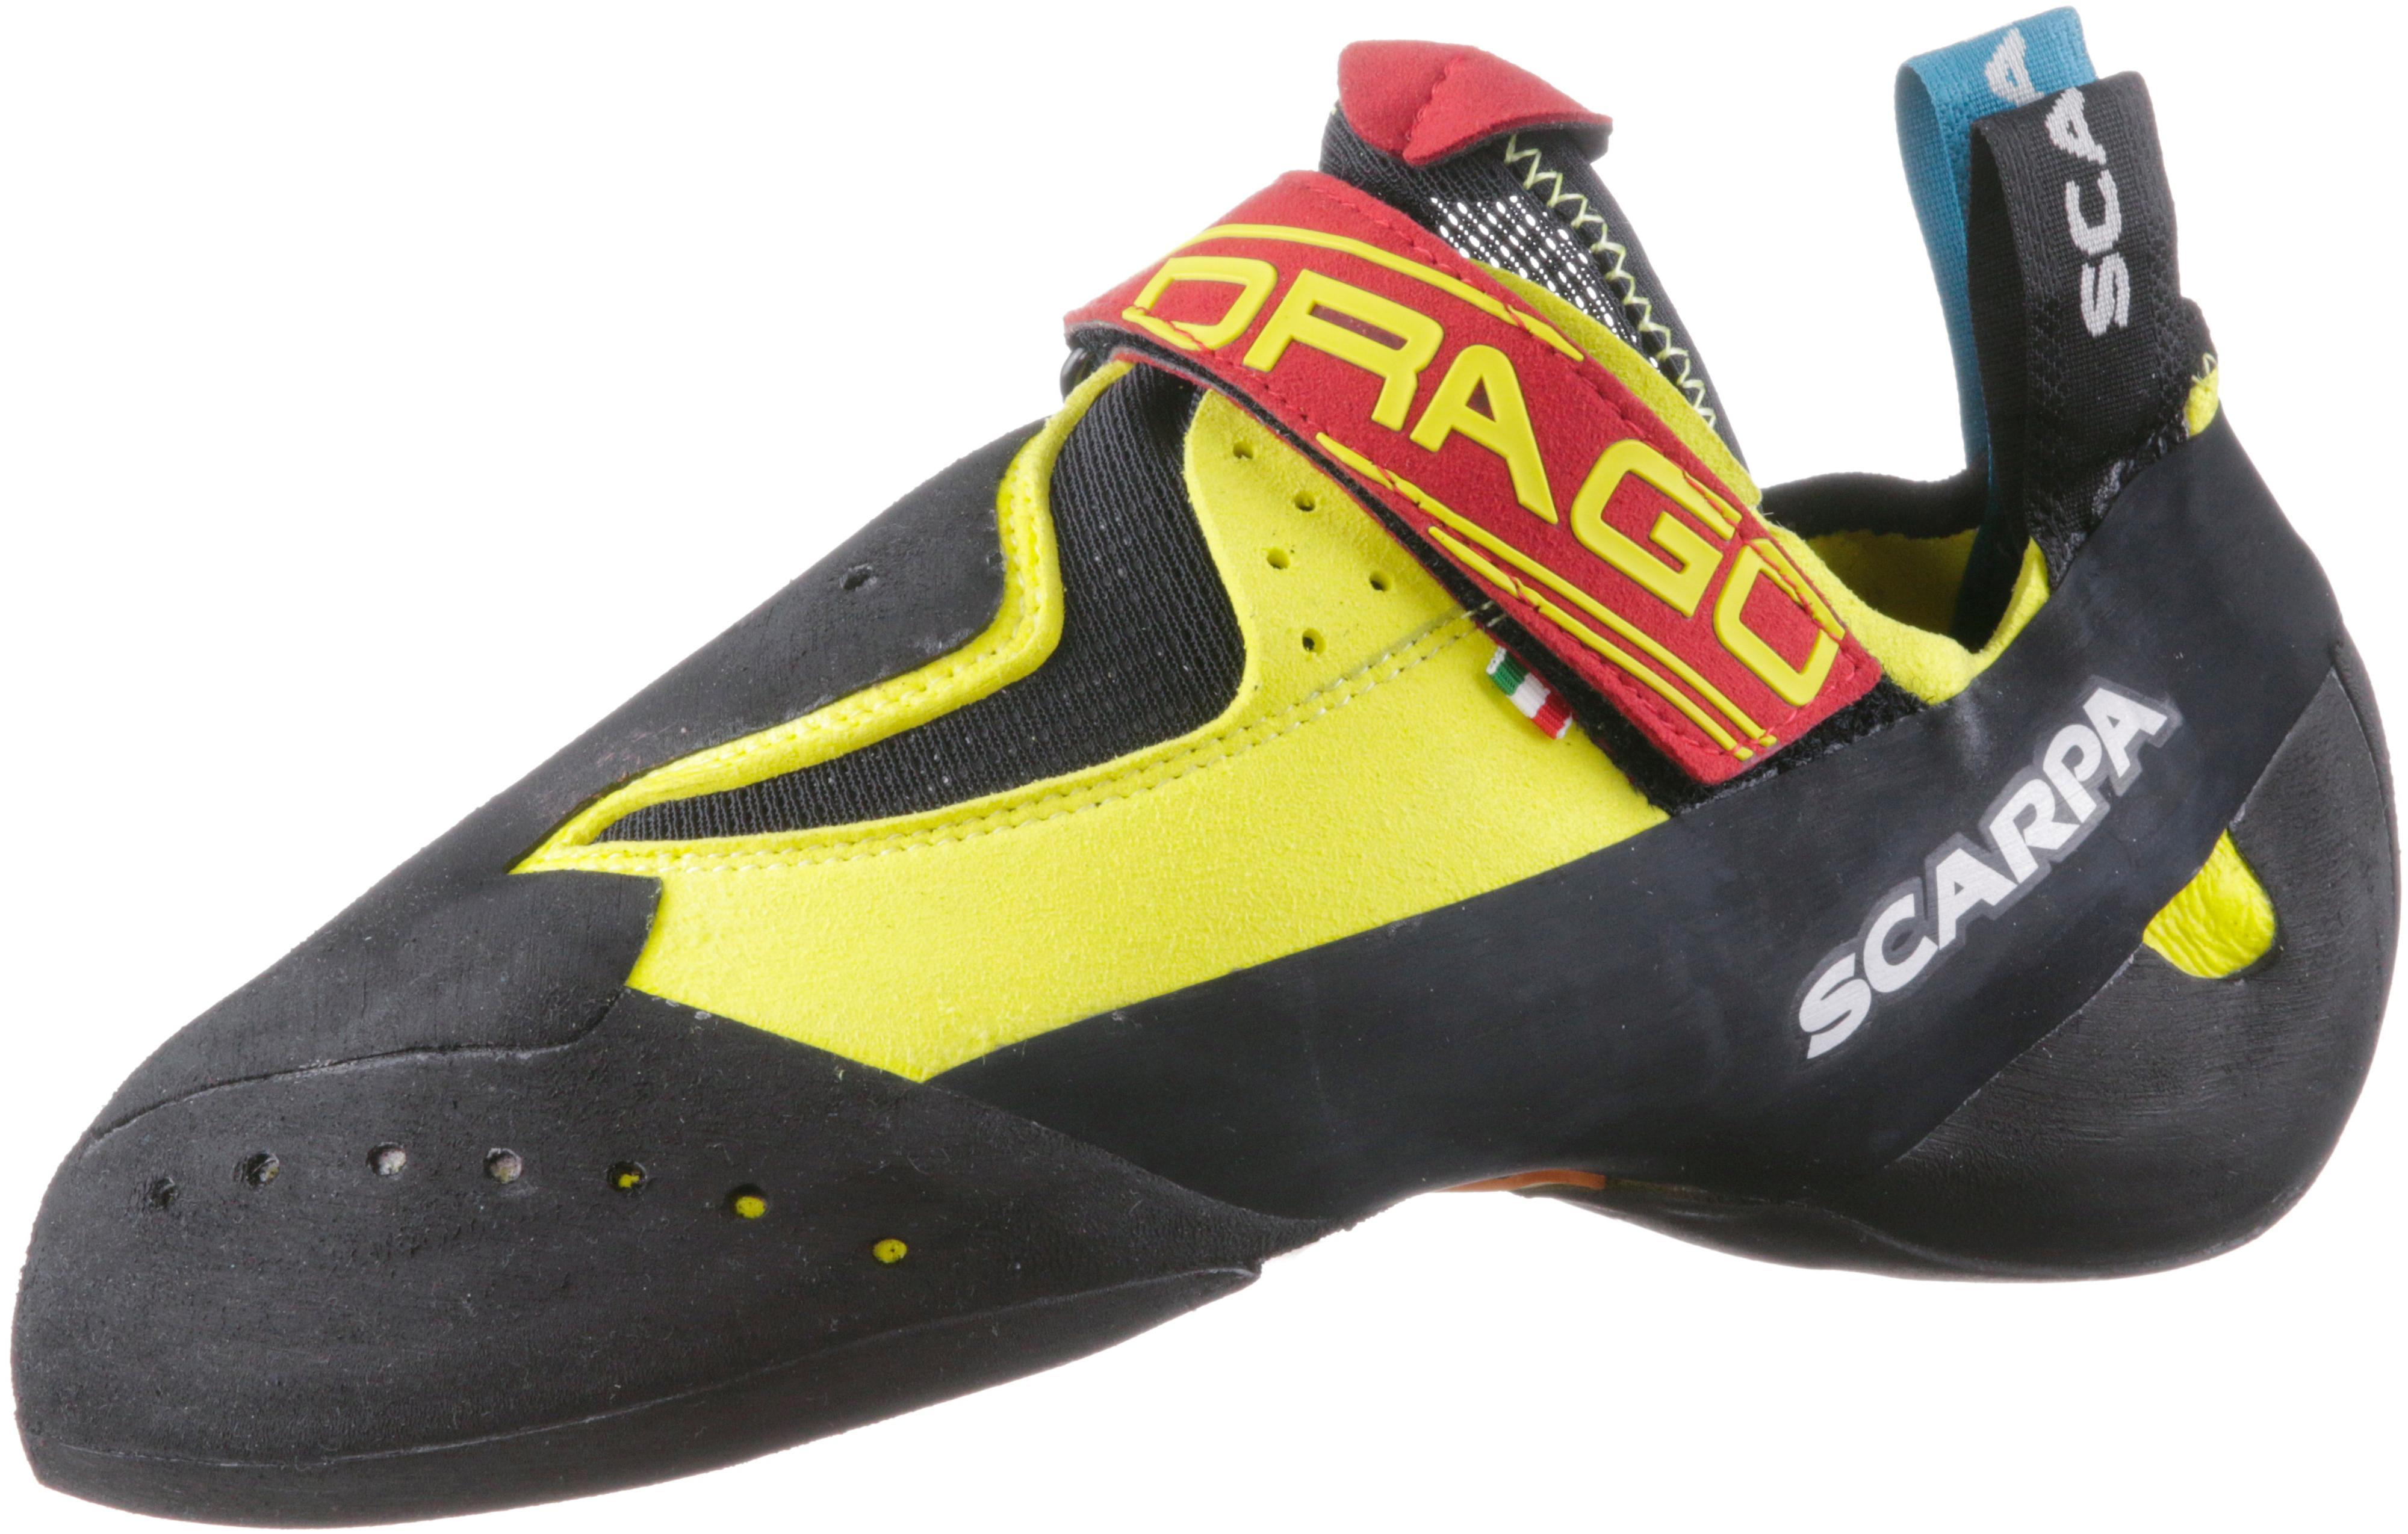 Scarpa Drago Kletterschuhe von gelb/schwarz im Online Shop von Kletterschuhe SportScheck kaufen Gute Qualität beliebte Schuhe 453482